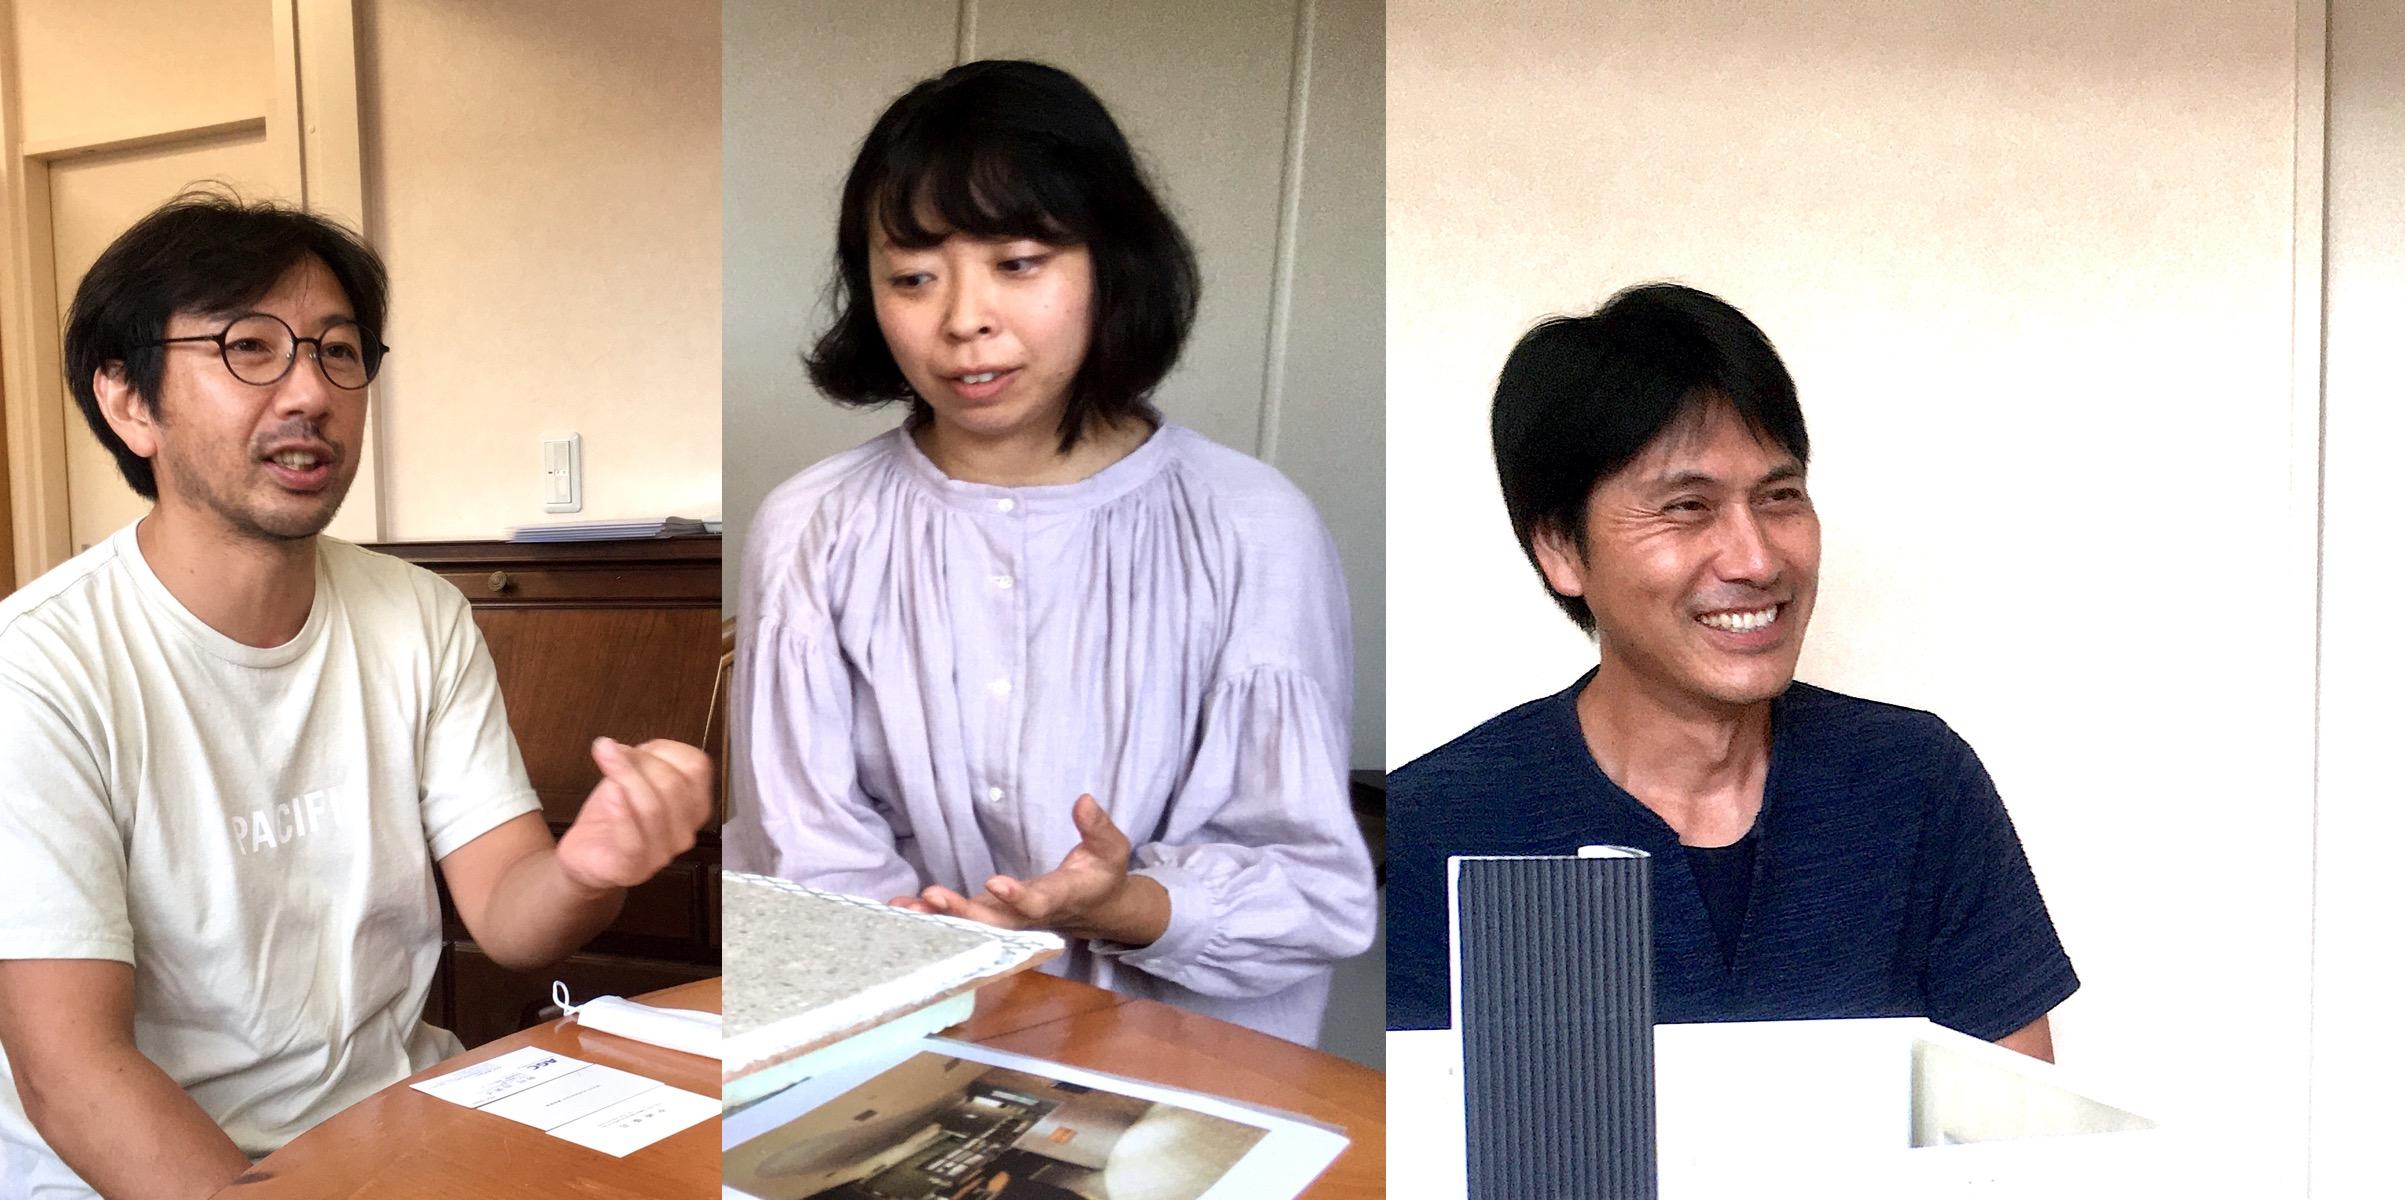 伊東建築塾で出会った3人が挑む新しい建築のつくり方